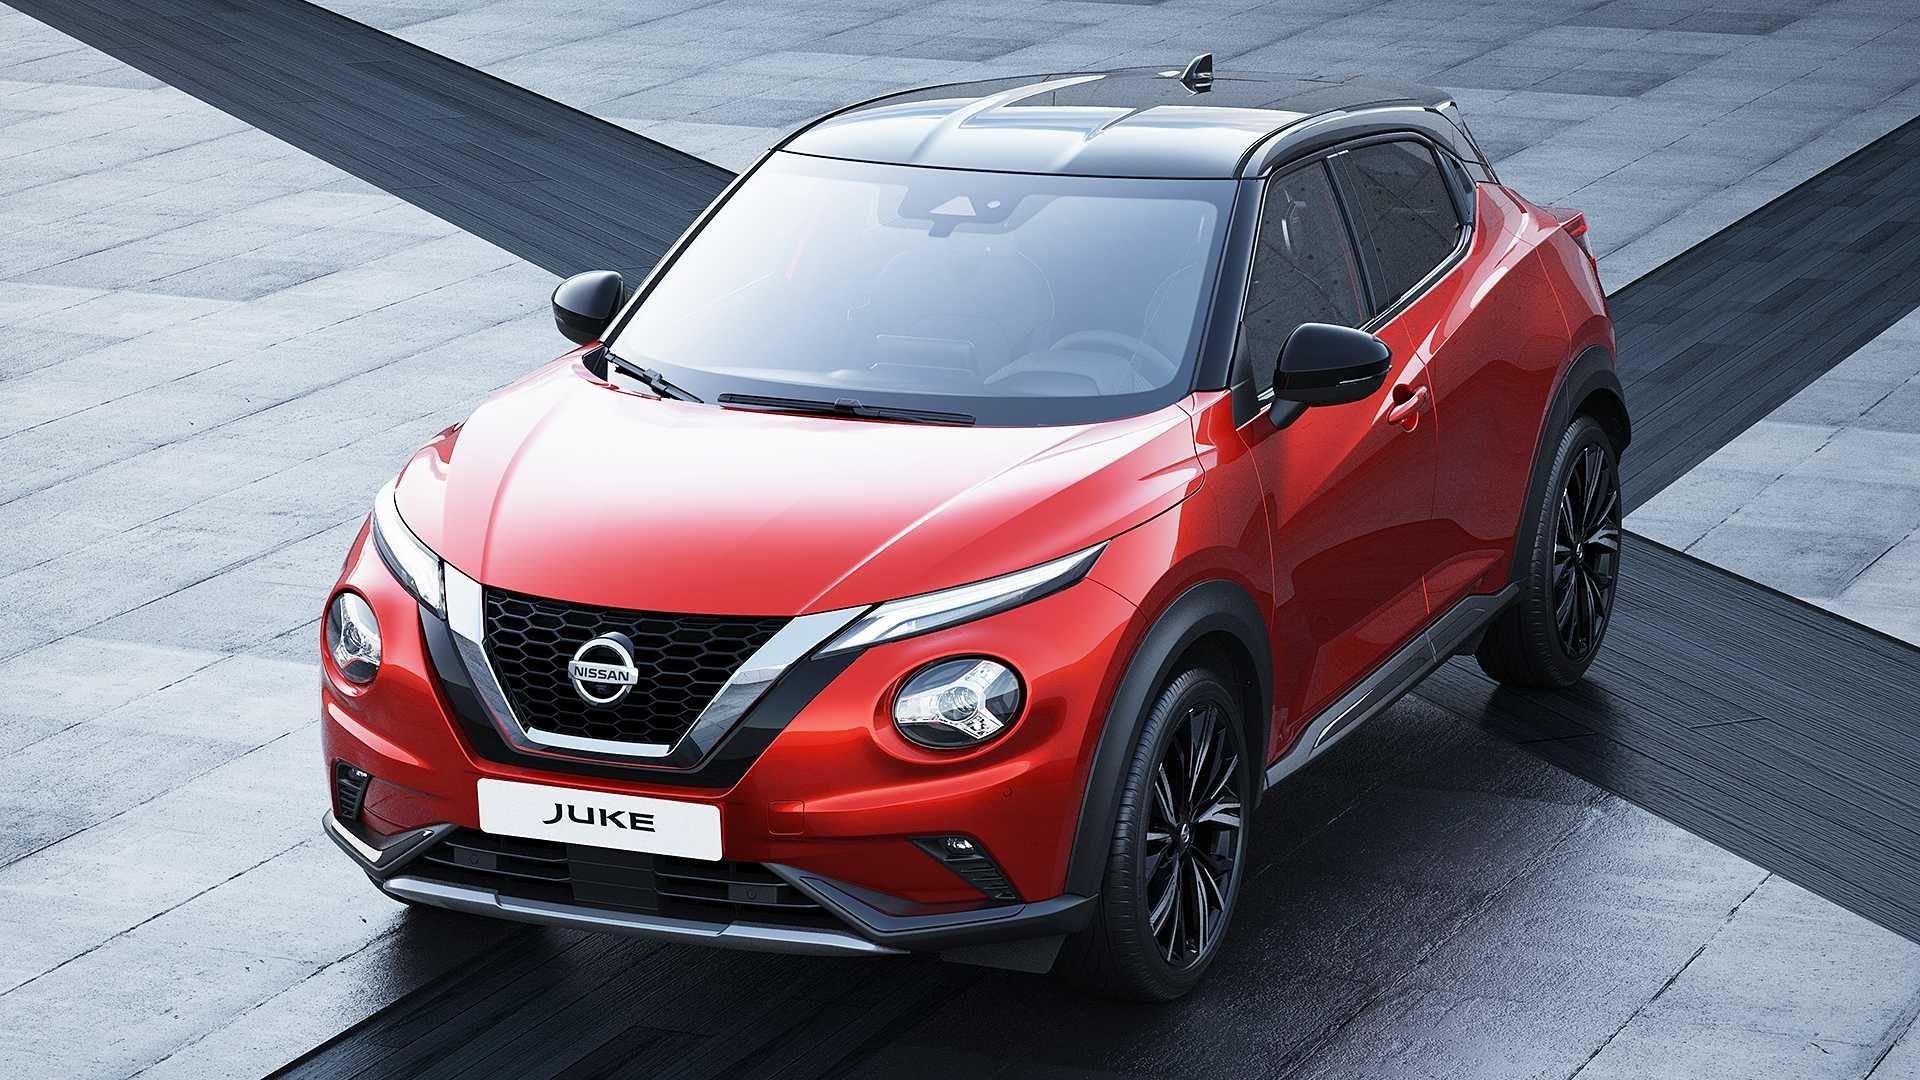 Ngam Nissan Juke 2020 bat dau ban ra voi gia 21.510 USD hinh anh 5